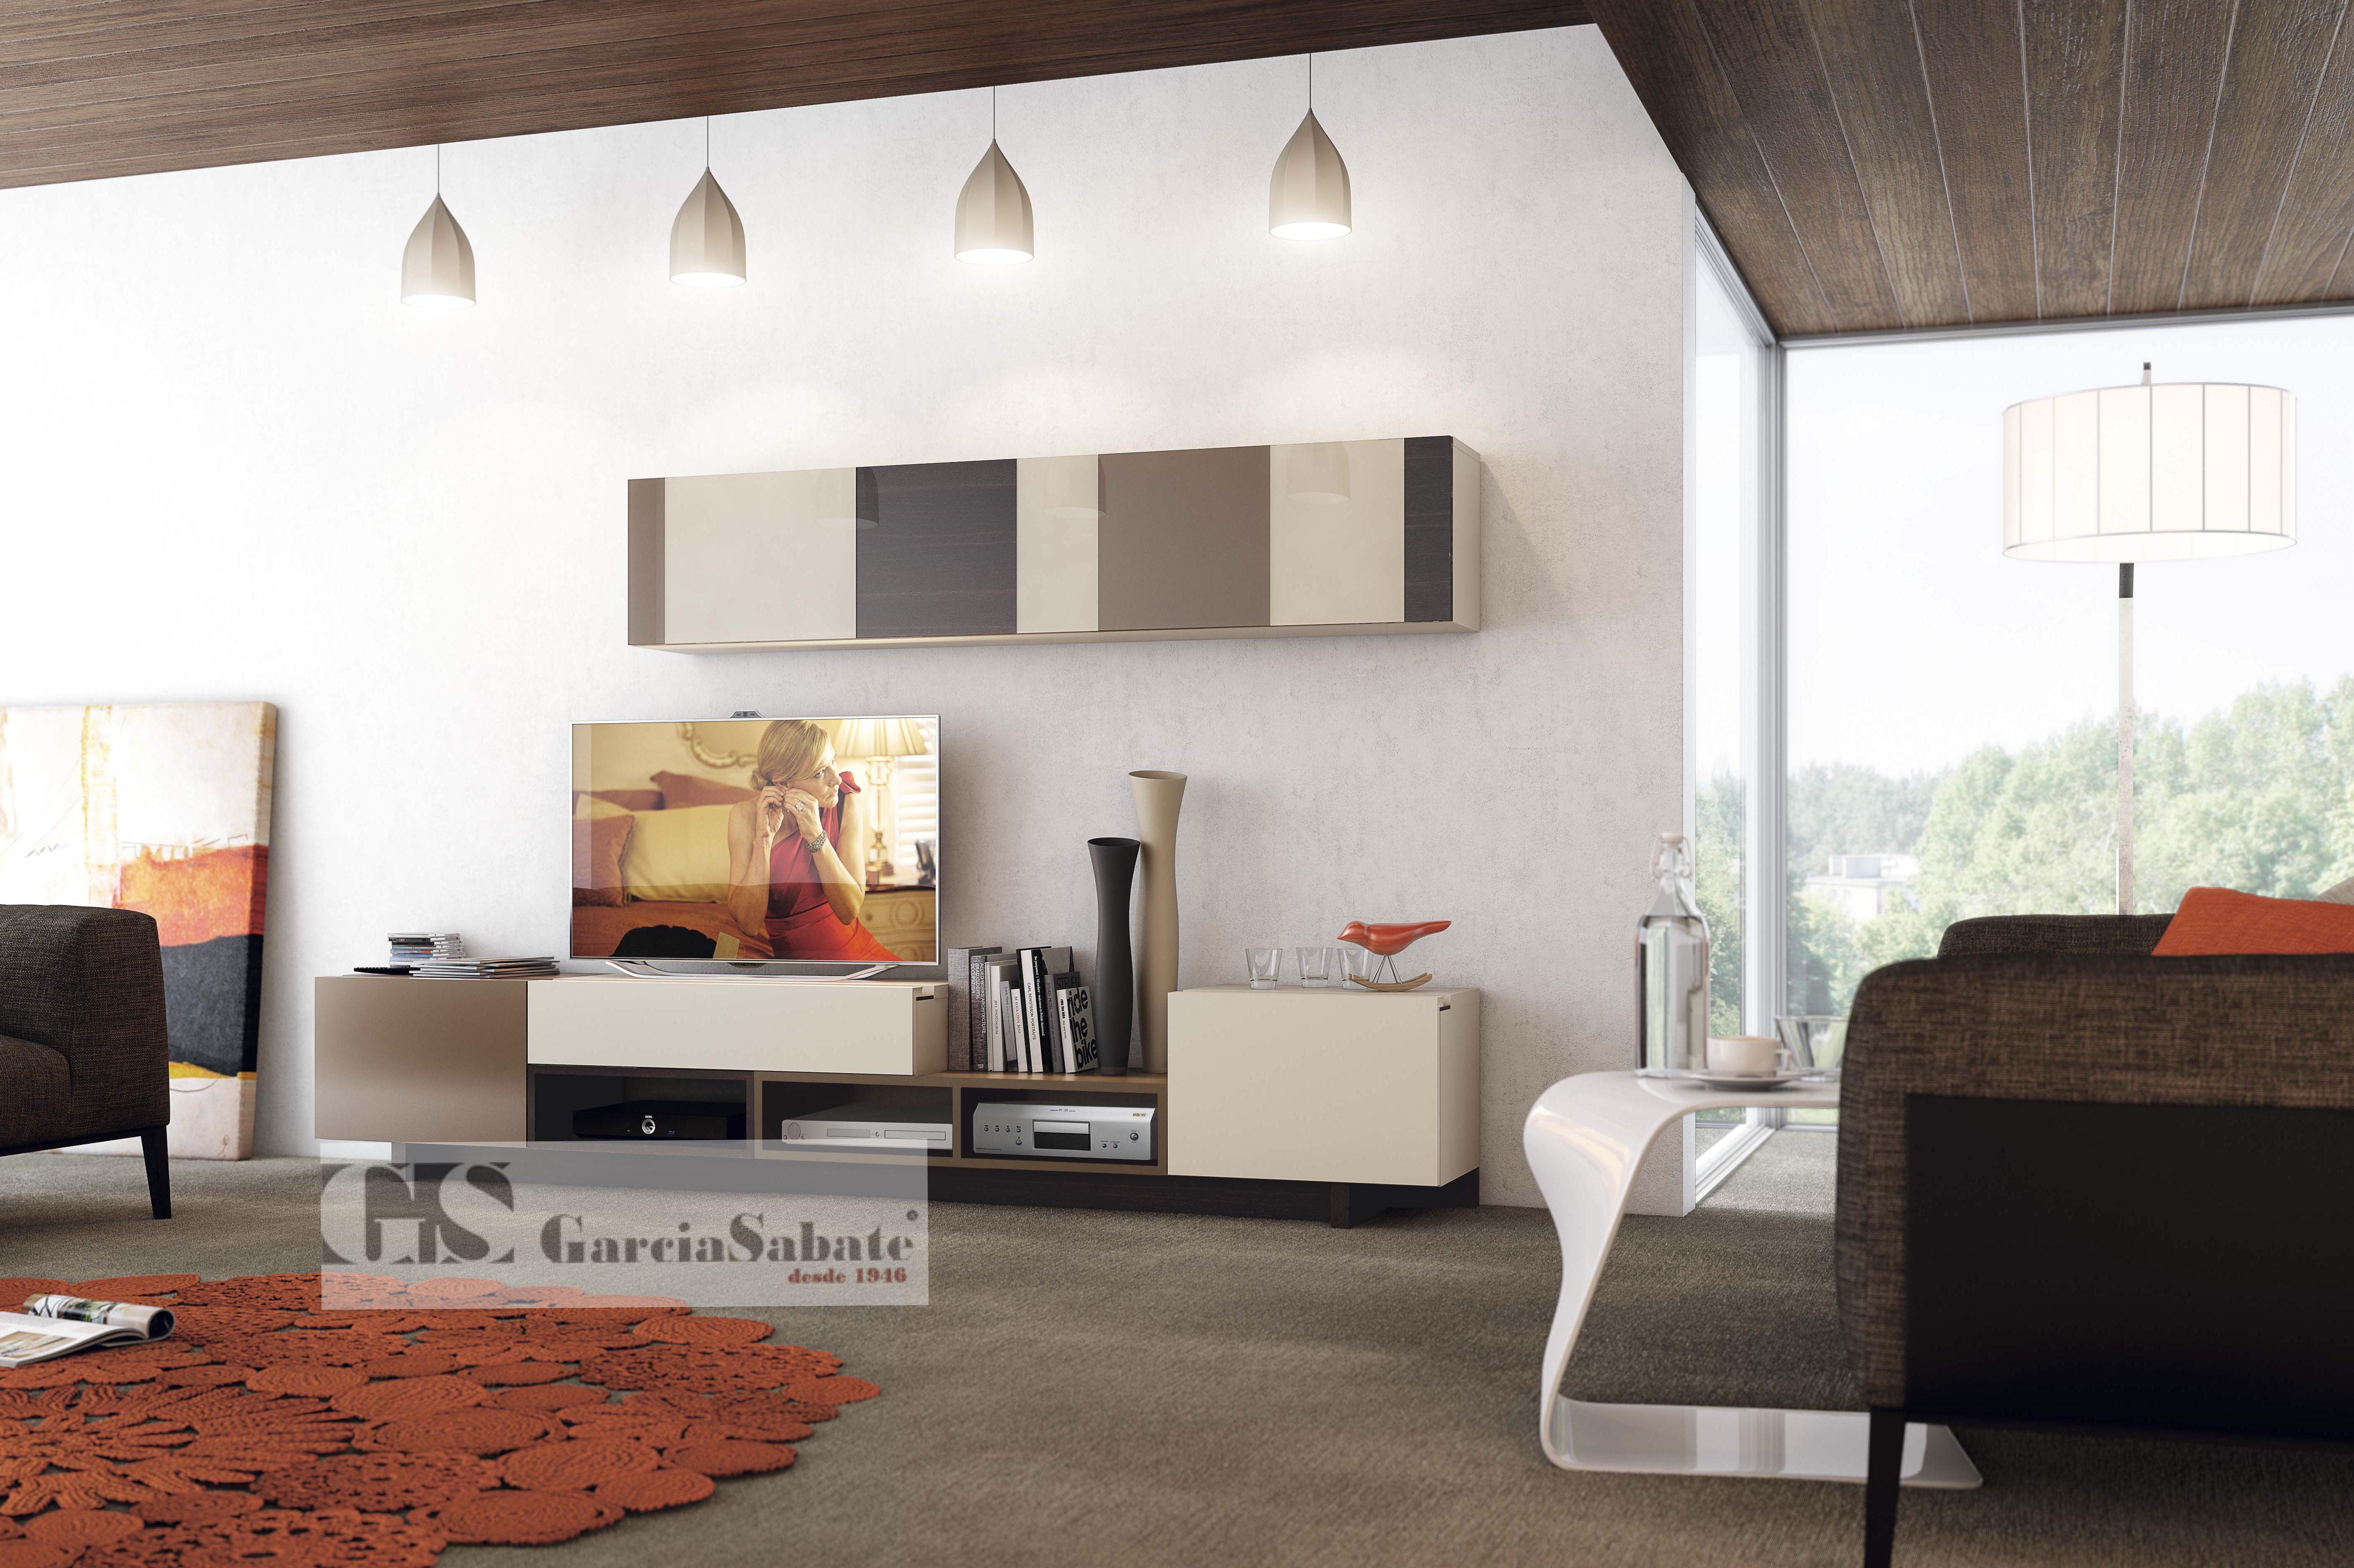 Salones garcia sabate cat logo de muebles y sof s de goga - Muebles y complementos ...